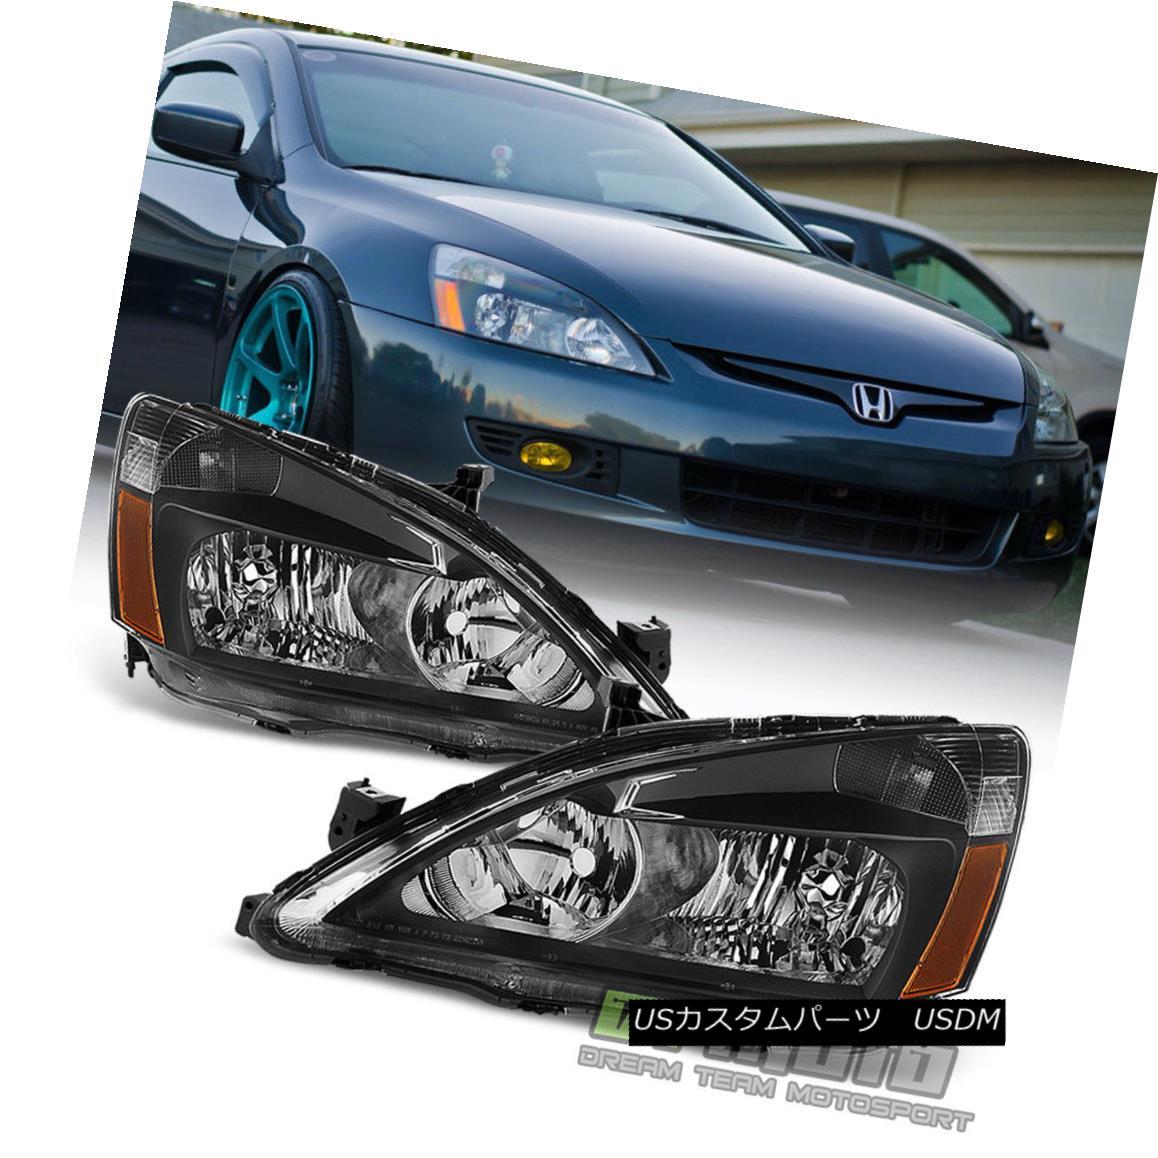 ヘッドライト For Black 2003-2007 Honda Accord 2Dr 4Dr Crystal Headlights Headlamps Left+Right ブラック2003-2007ホンダアコード2Dr 4Drクリスタルヘッドライトヘッドランプ左+右